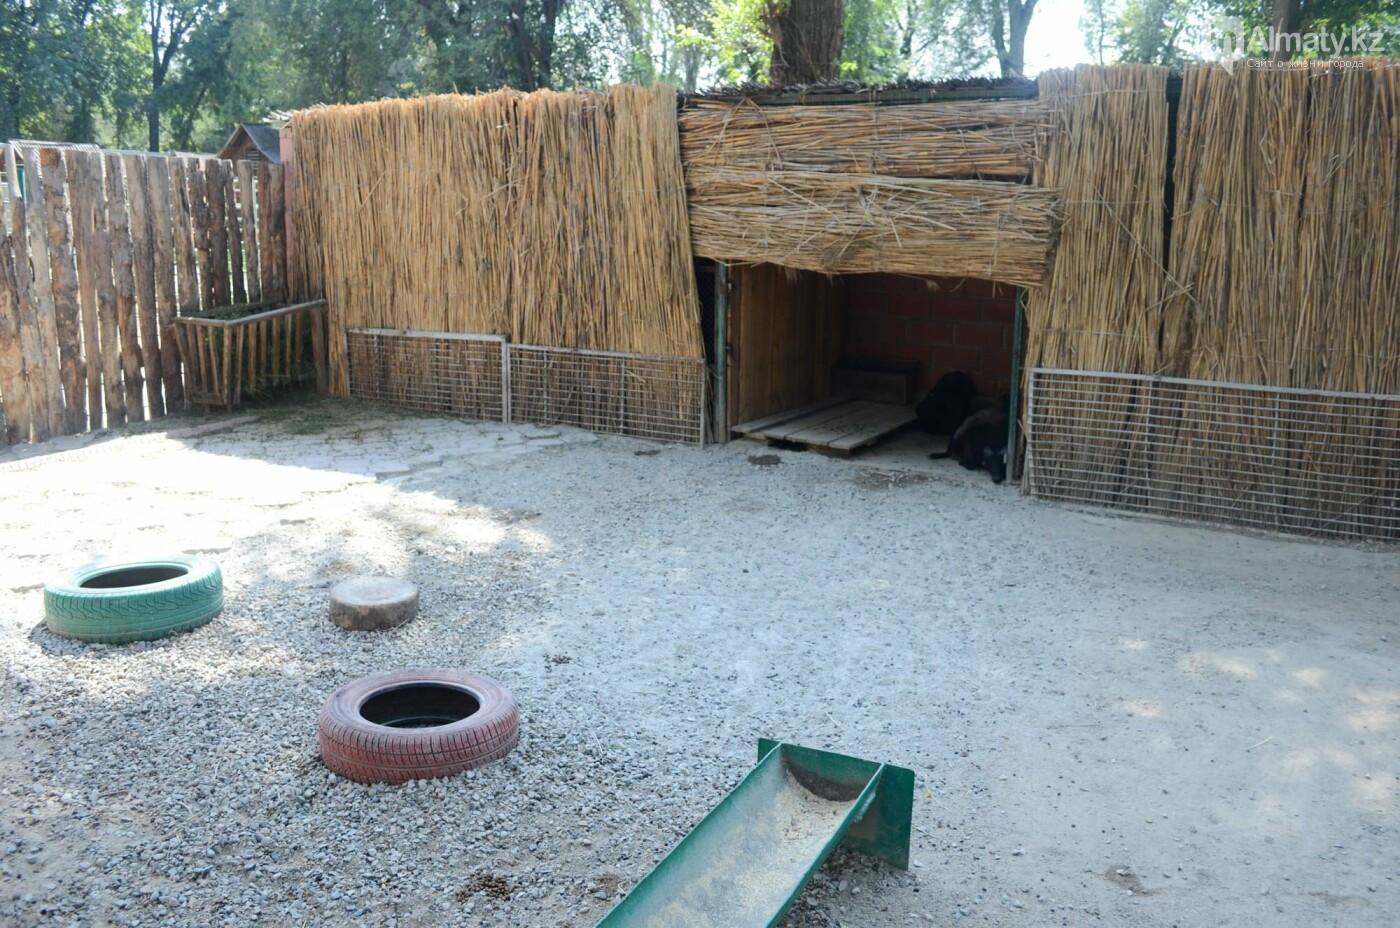 Как живут обитатели контактной секции Алматинского зоопарка (фото), фото-7